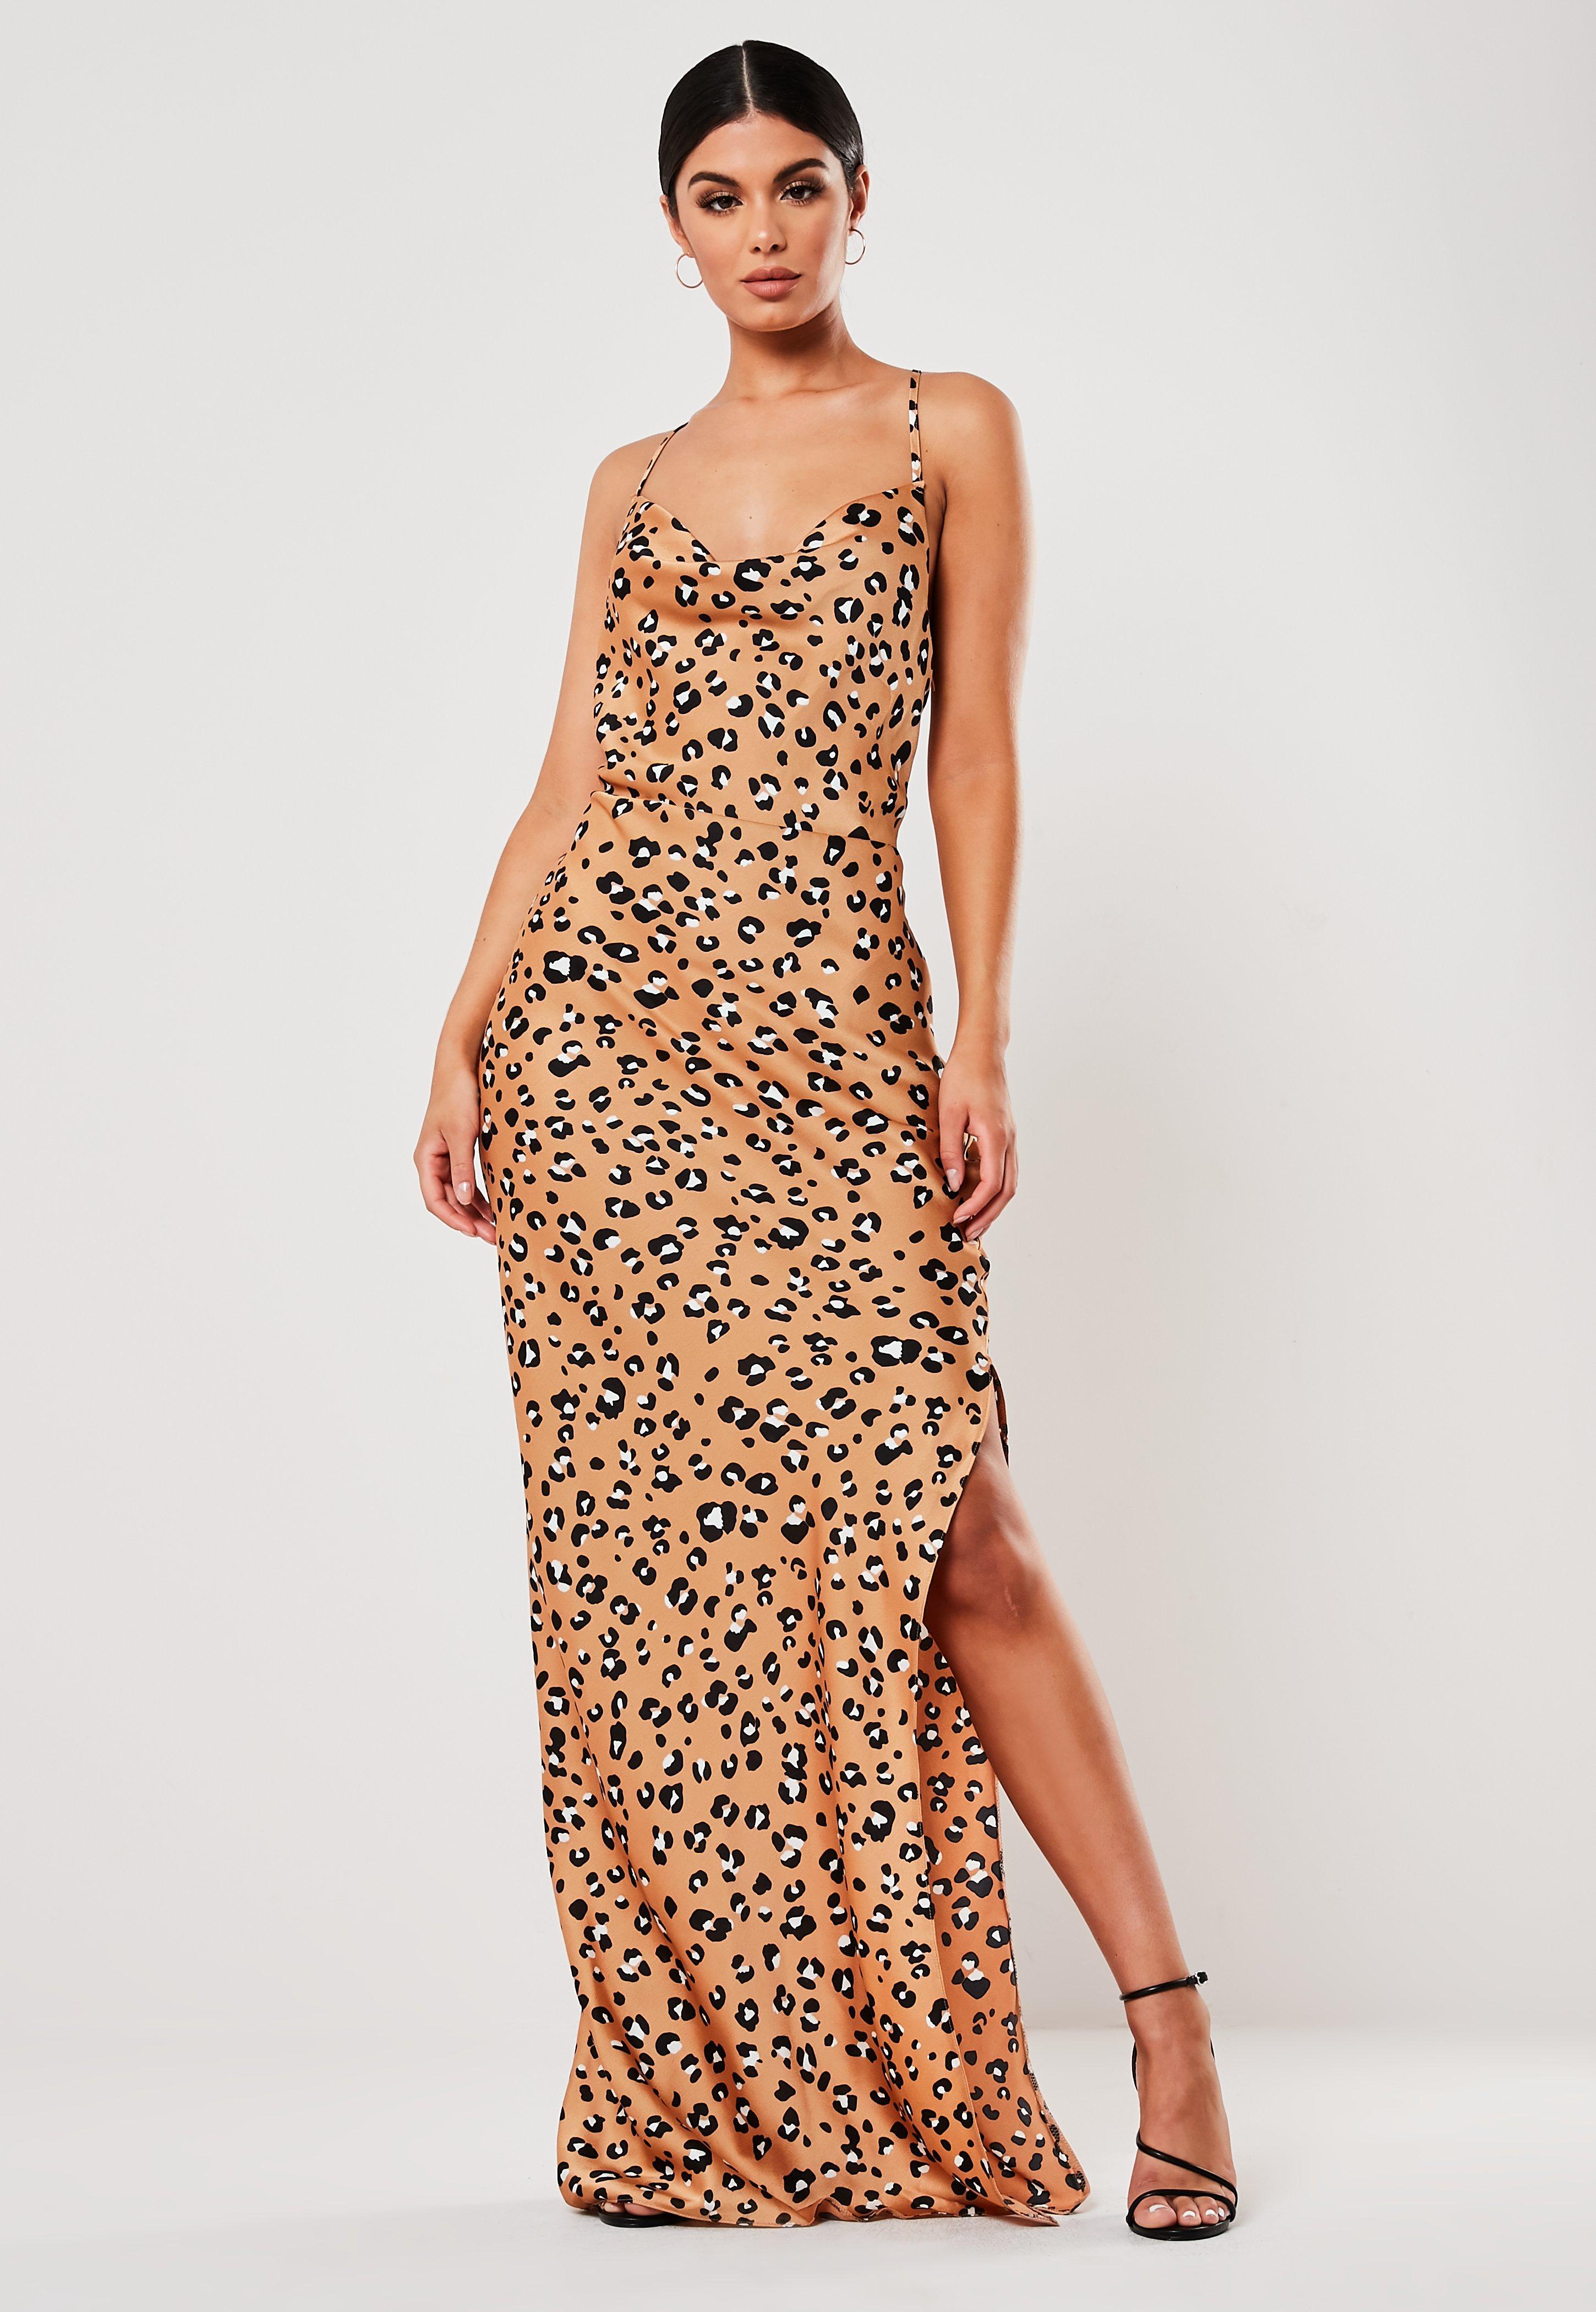 c80a4d12b2d Petite Brown Satin Animal Print Maxi Dress